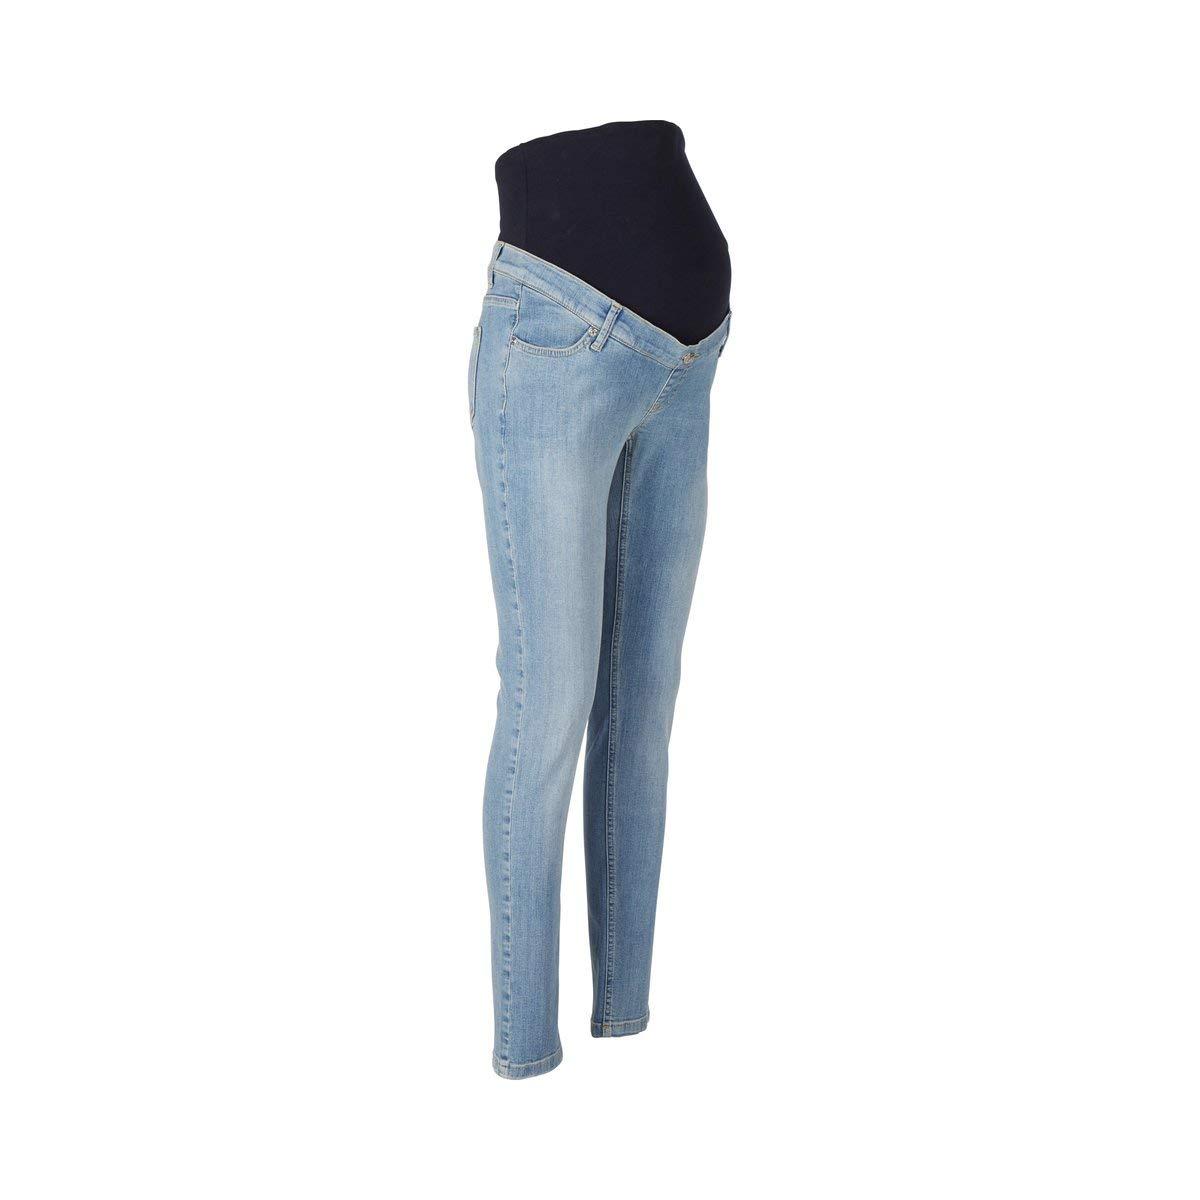 Light Blue Denim Schwangerschaftshose aus elastischem Denim mit /Überbauchbund aus Jersey 2HEARTS Umstands-Jeans Skinny Love is in The Air